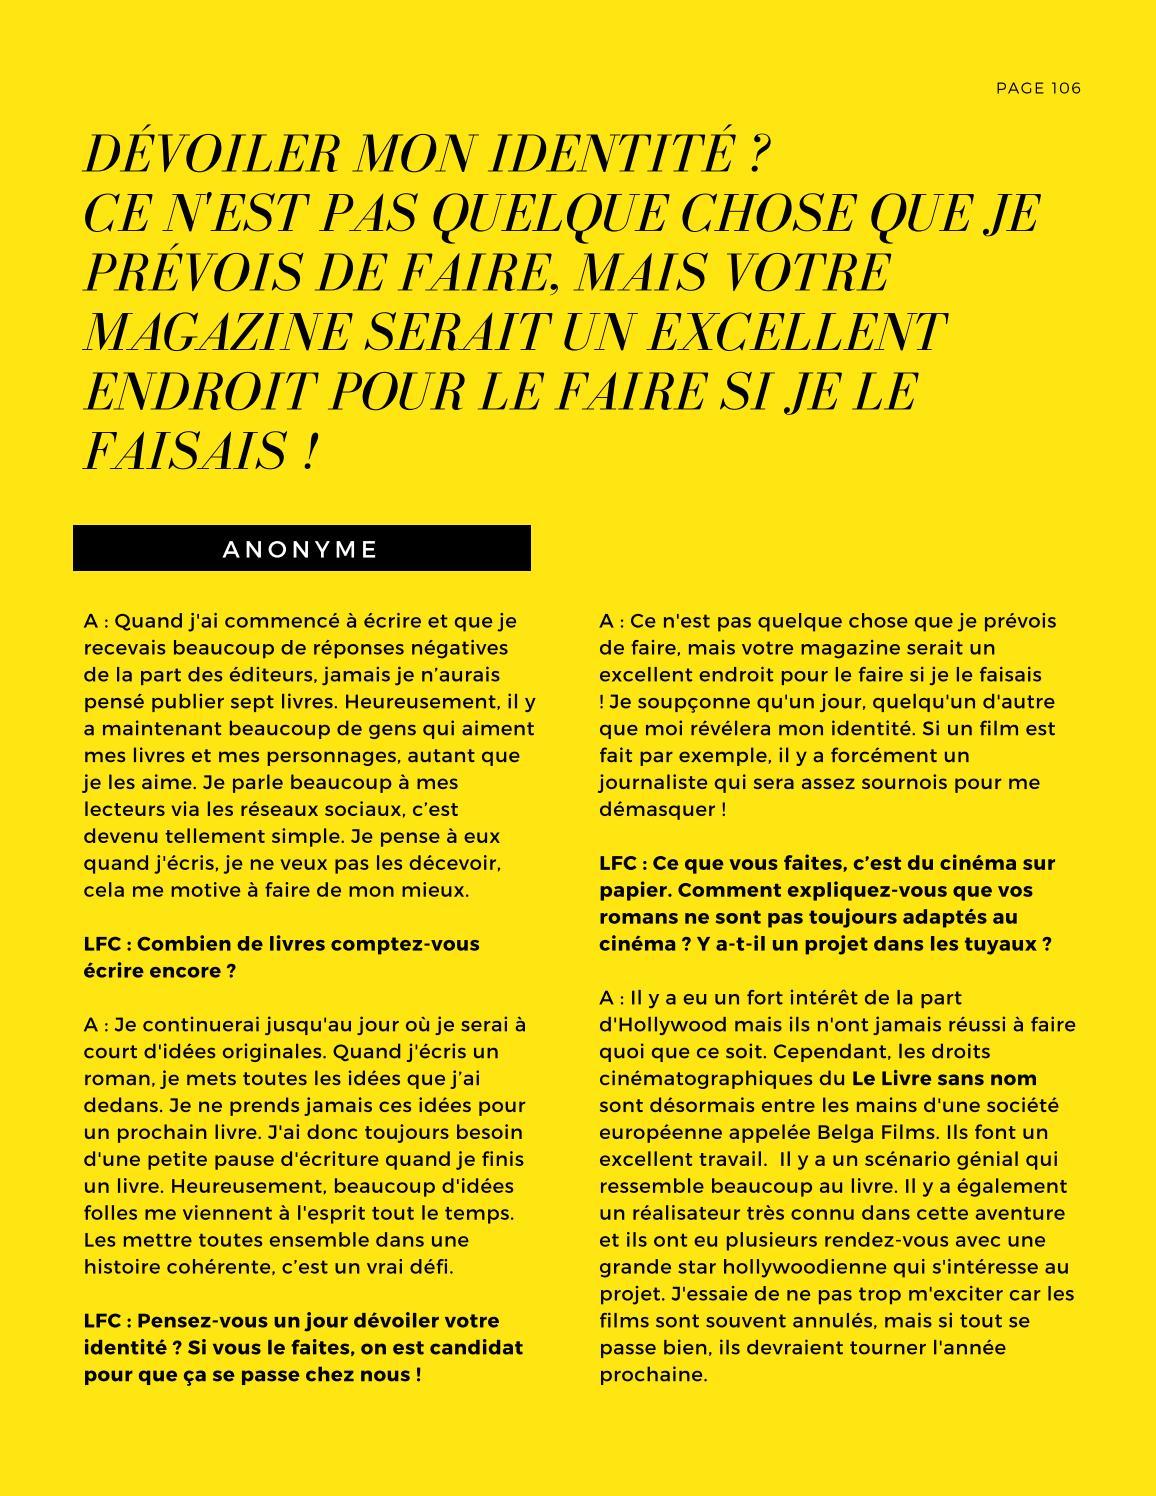 Mais Ou Sont Passé Les Tuyaux lfc magazine #3 michel bussi octobre 2017la fringale